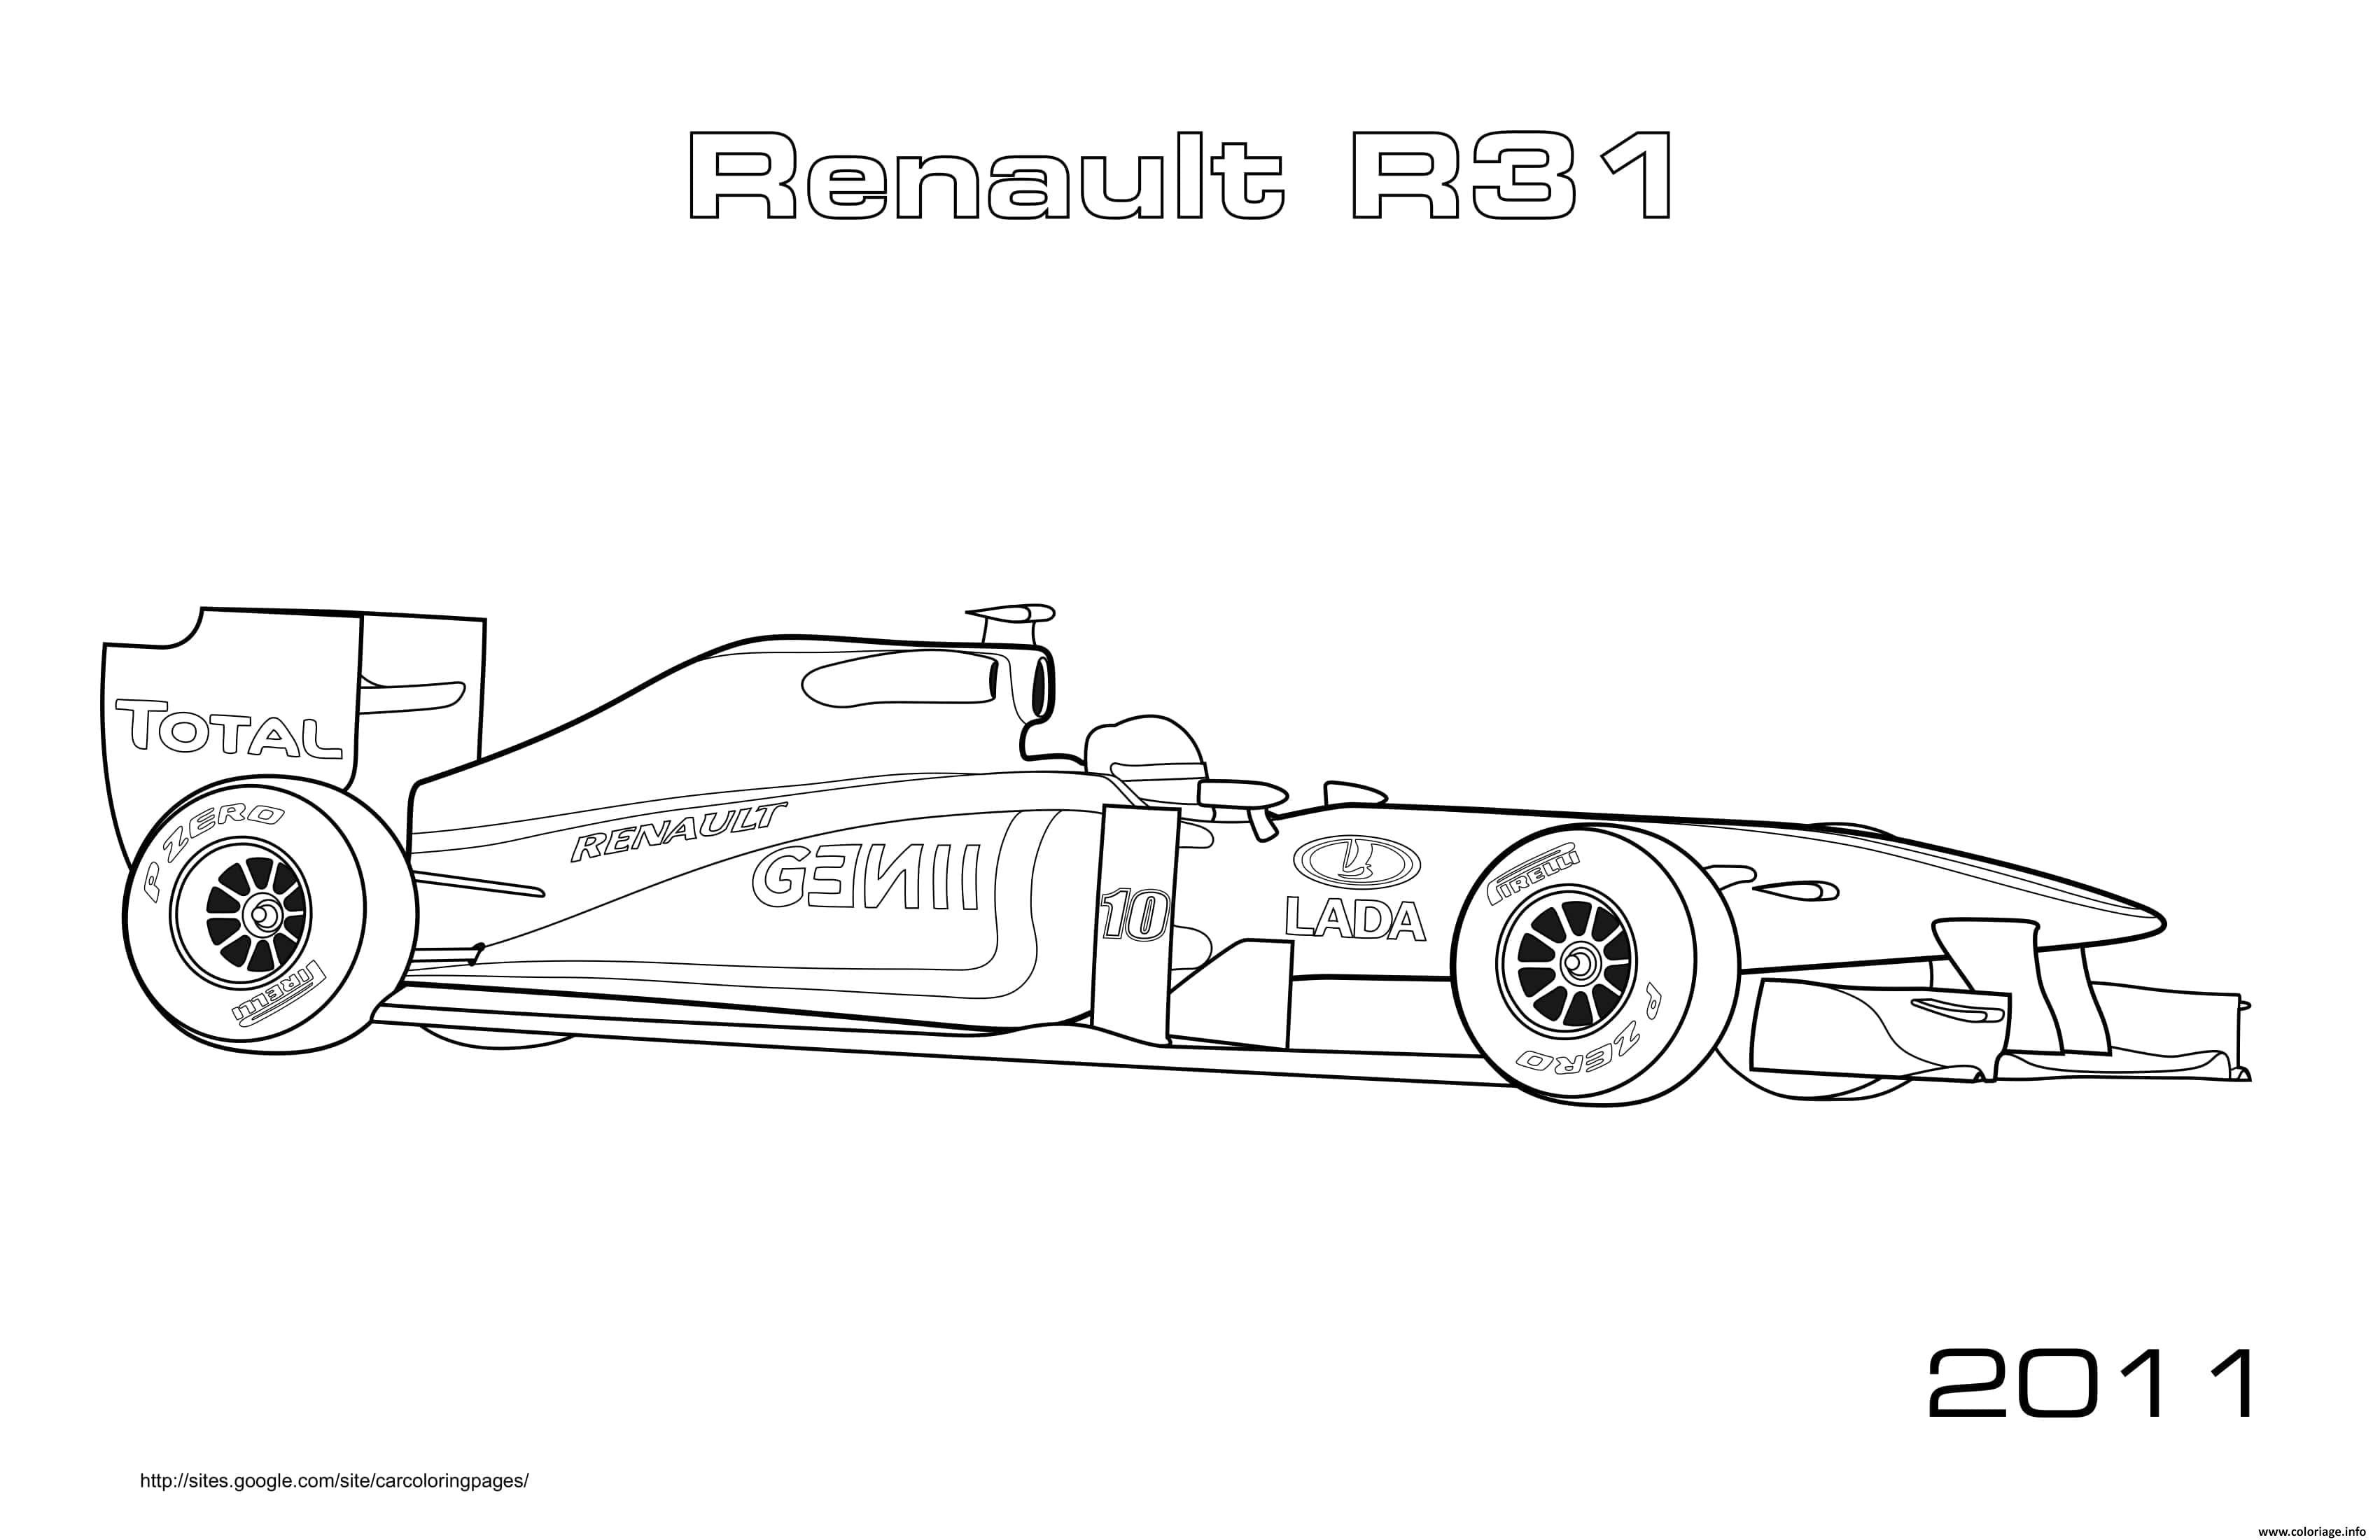 Dessin Formule 1 Voiture Renault R31 2011 Coloriage Gratuit à Imprimer